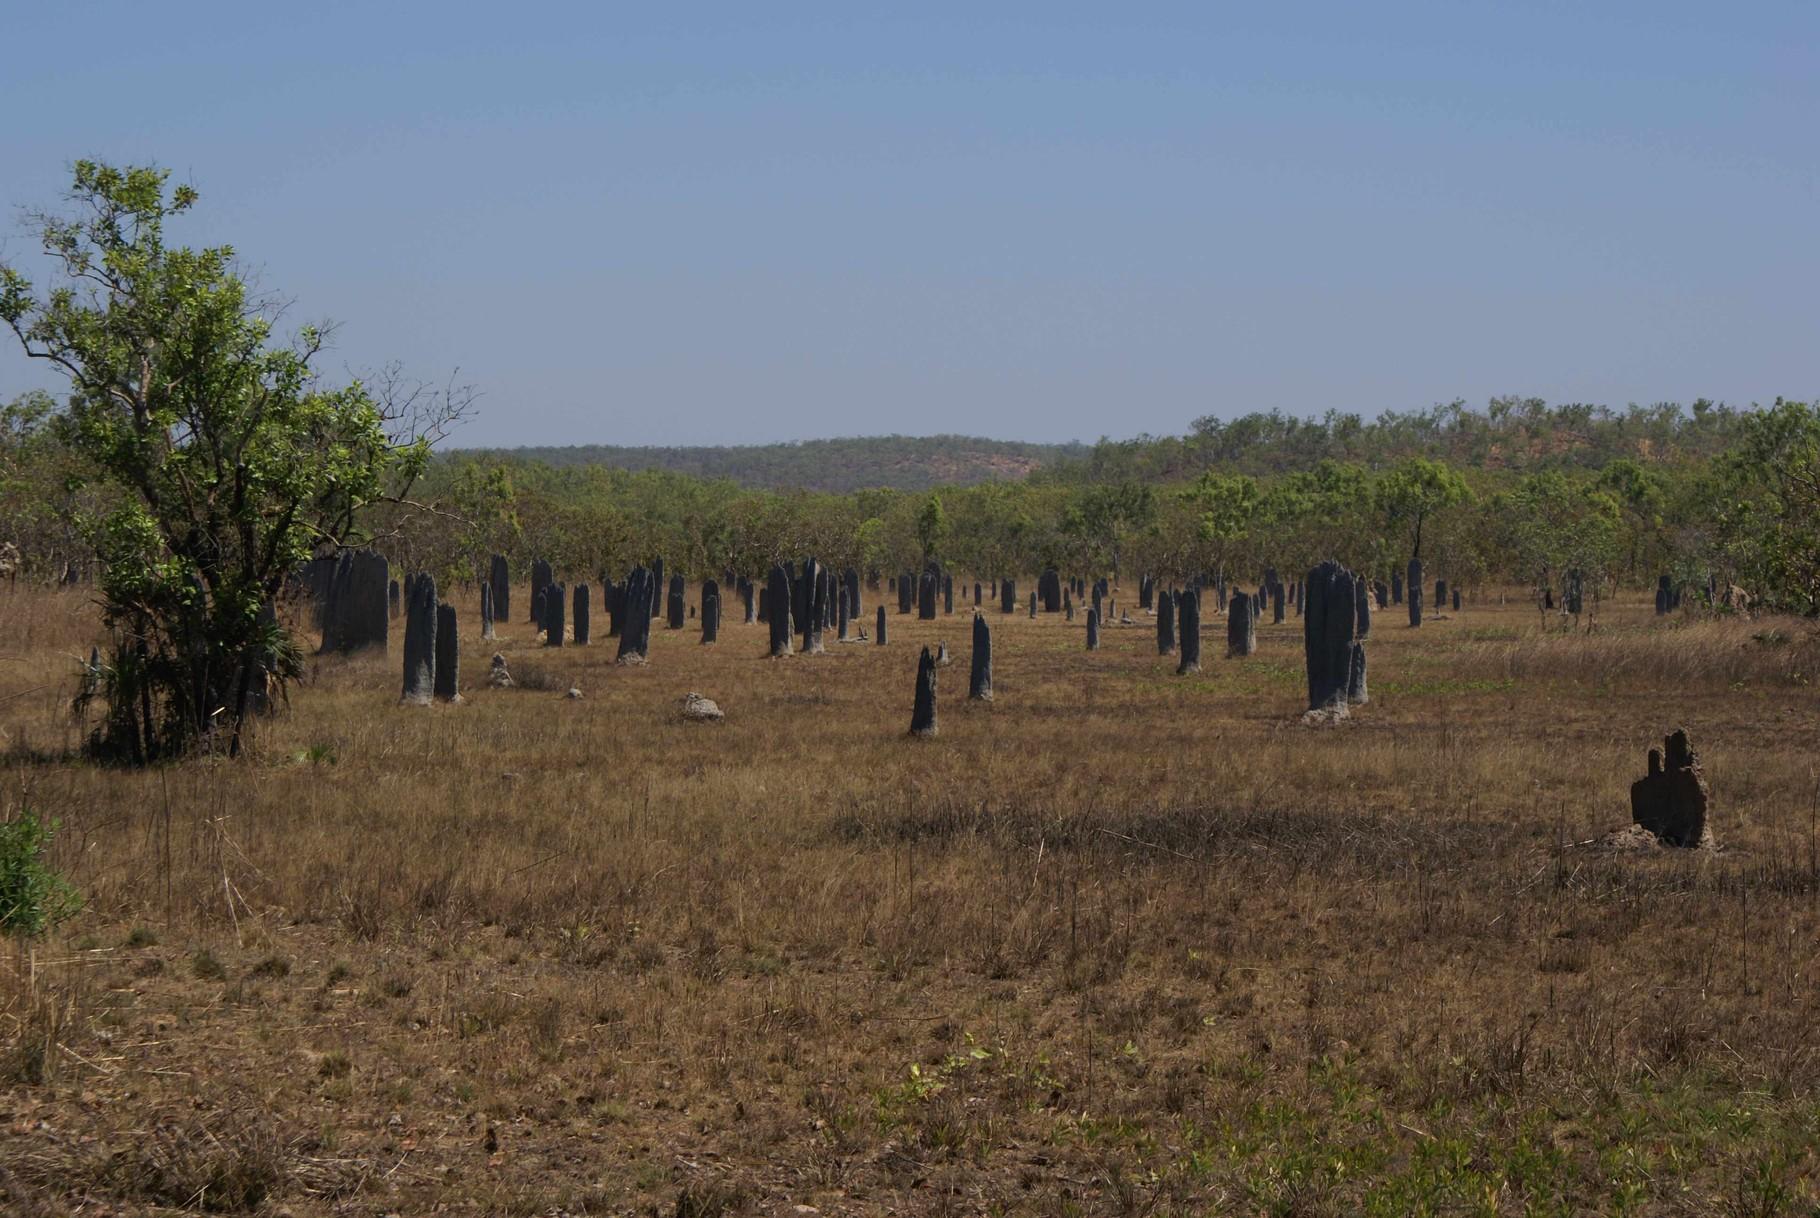 Magnetische Termiten bauen sehr schlanke Hügel von nur wenigen cm Dicke (Northern Territory)